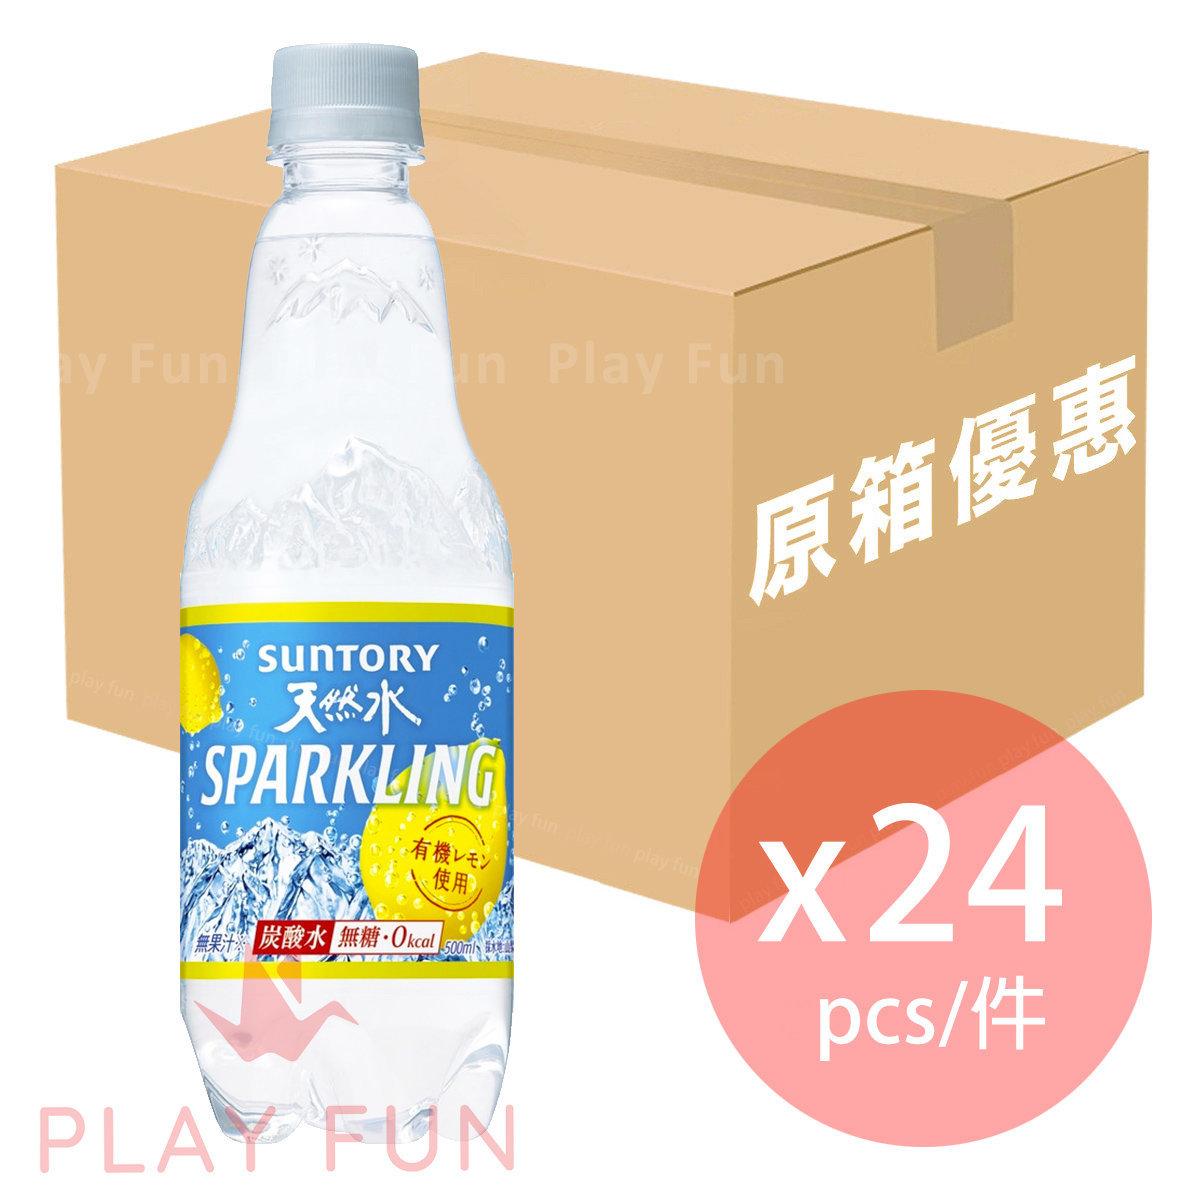 【原箱優惠】奥大山 有氣礦泉水- 檸檬味500mL x 24  (4901777317604_24)